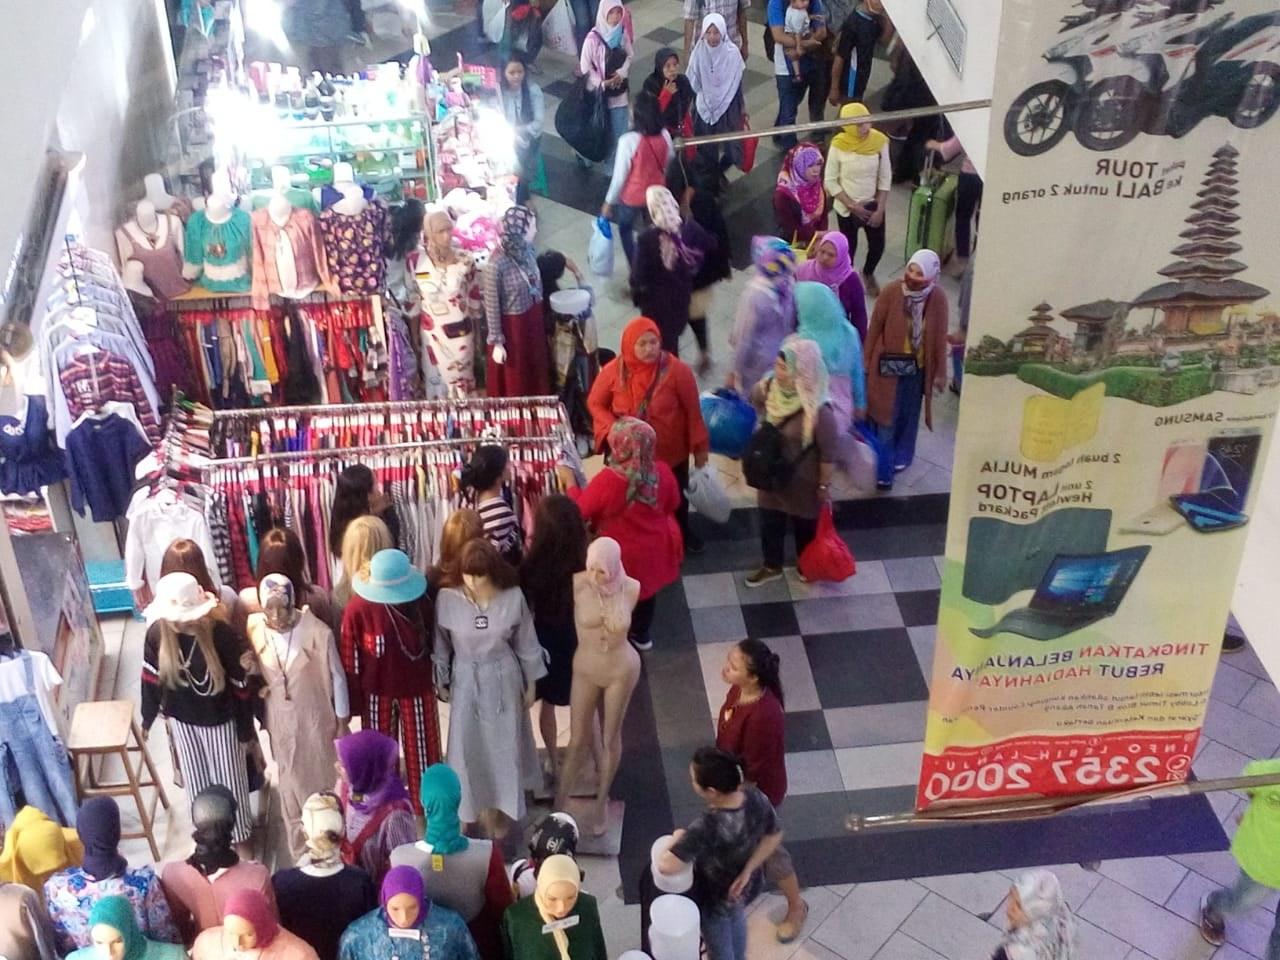 Bentuk Baju Lebaran Tanah Abang Whdr Berburu Baju Lebaran Di Pasar Tanah Abang Okezone Economy